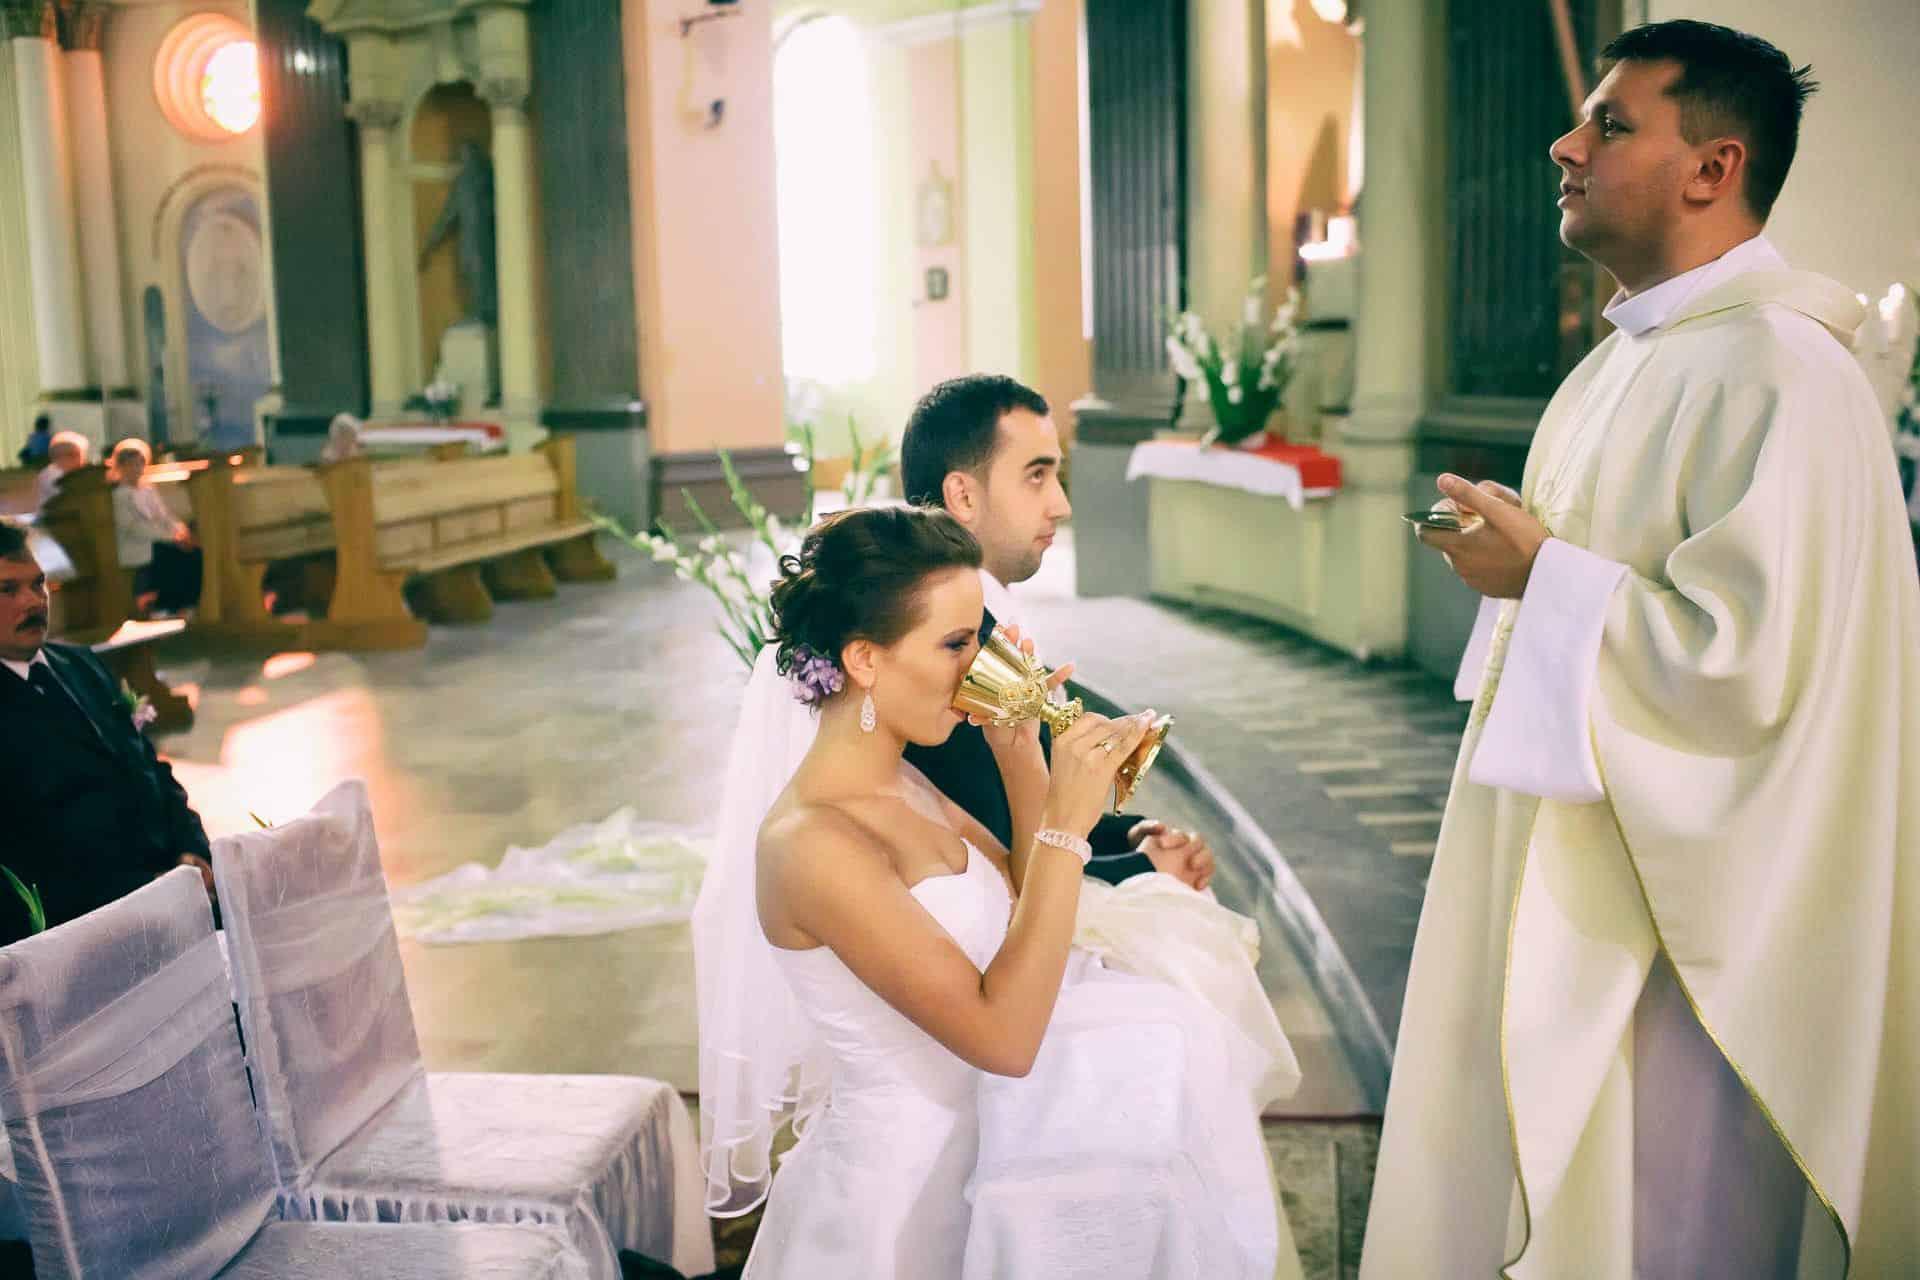 Państwo Młodzi podczas przyjmowania komunii świętej na fotografii z ceremonii zaślubin.